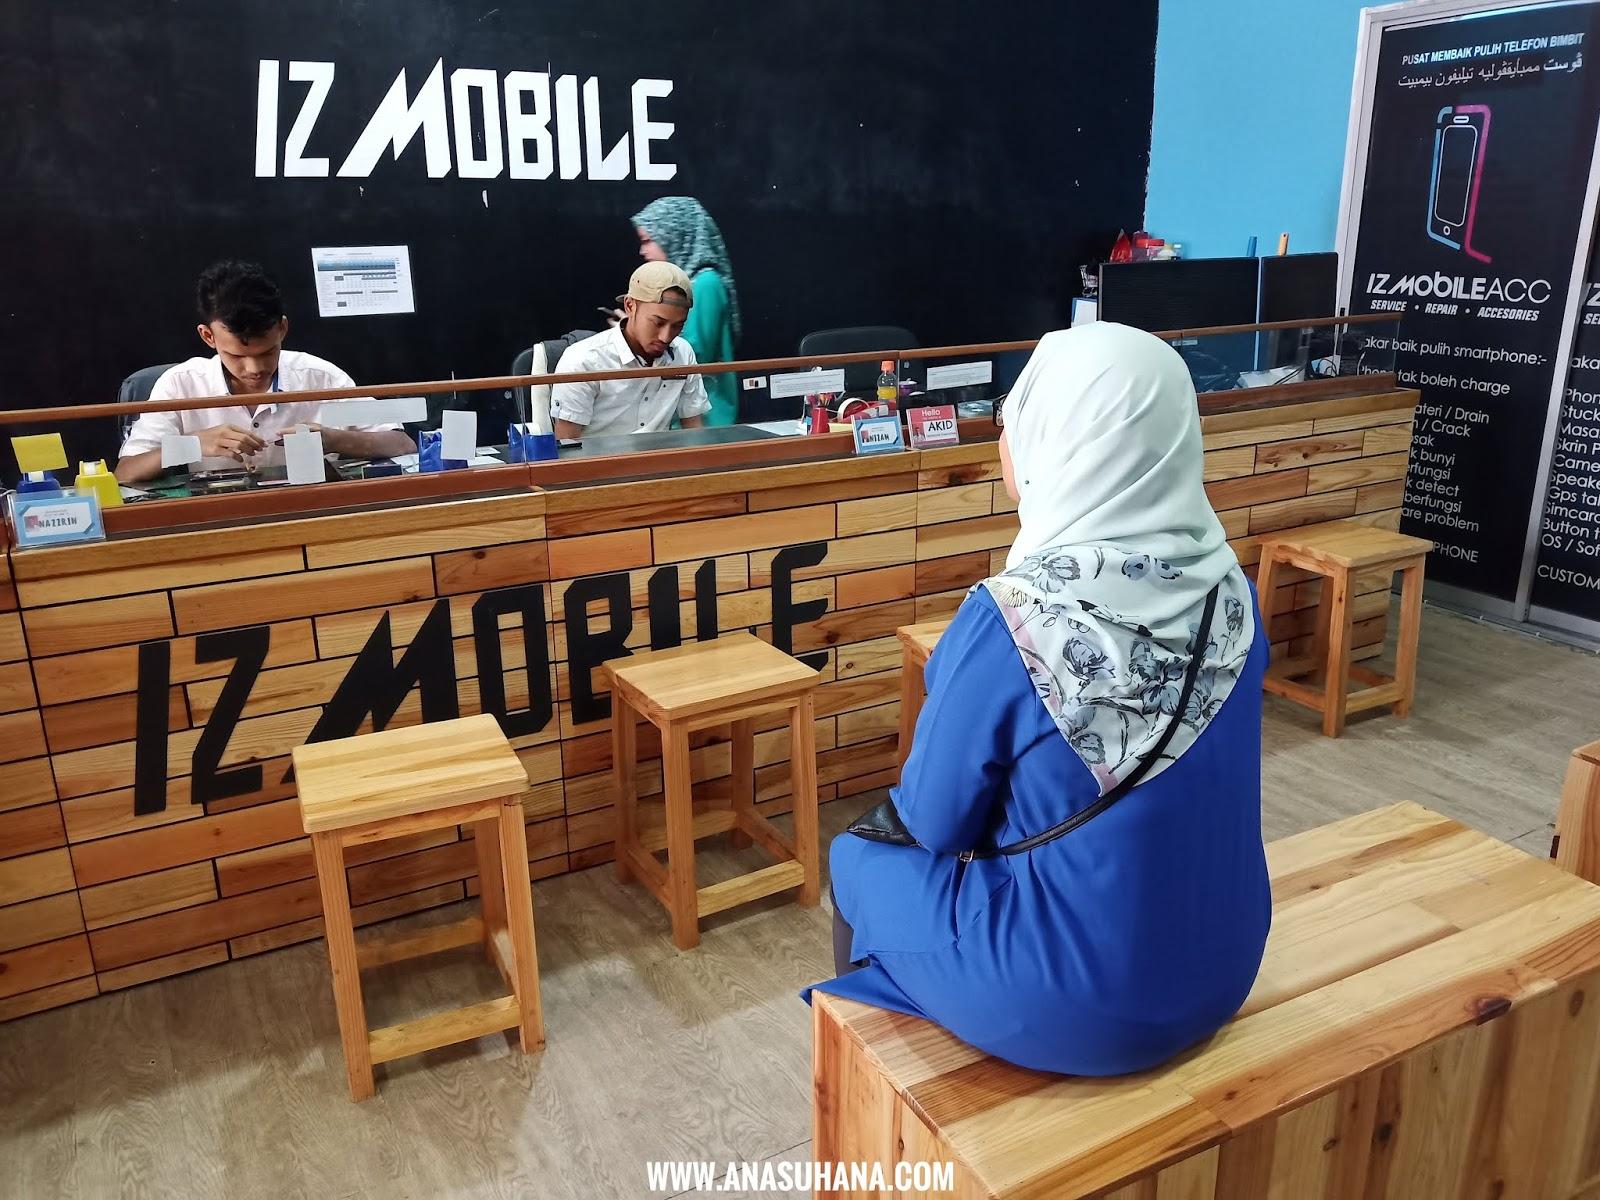 IzMobile Kedai Repair Handphone Murah dan Cepat di Kajang dan Bangi